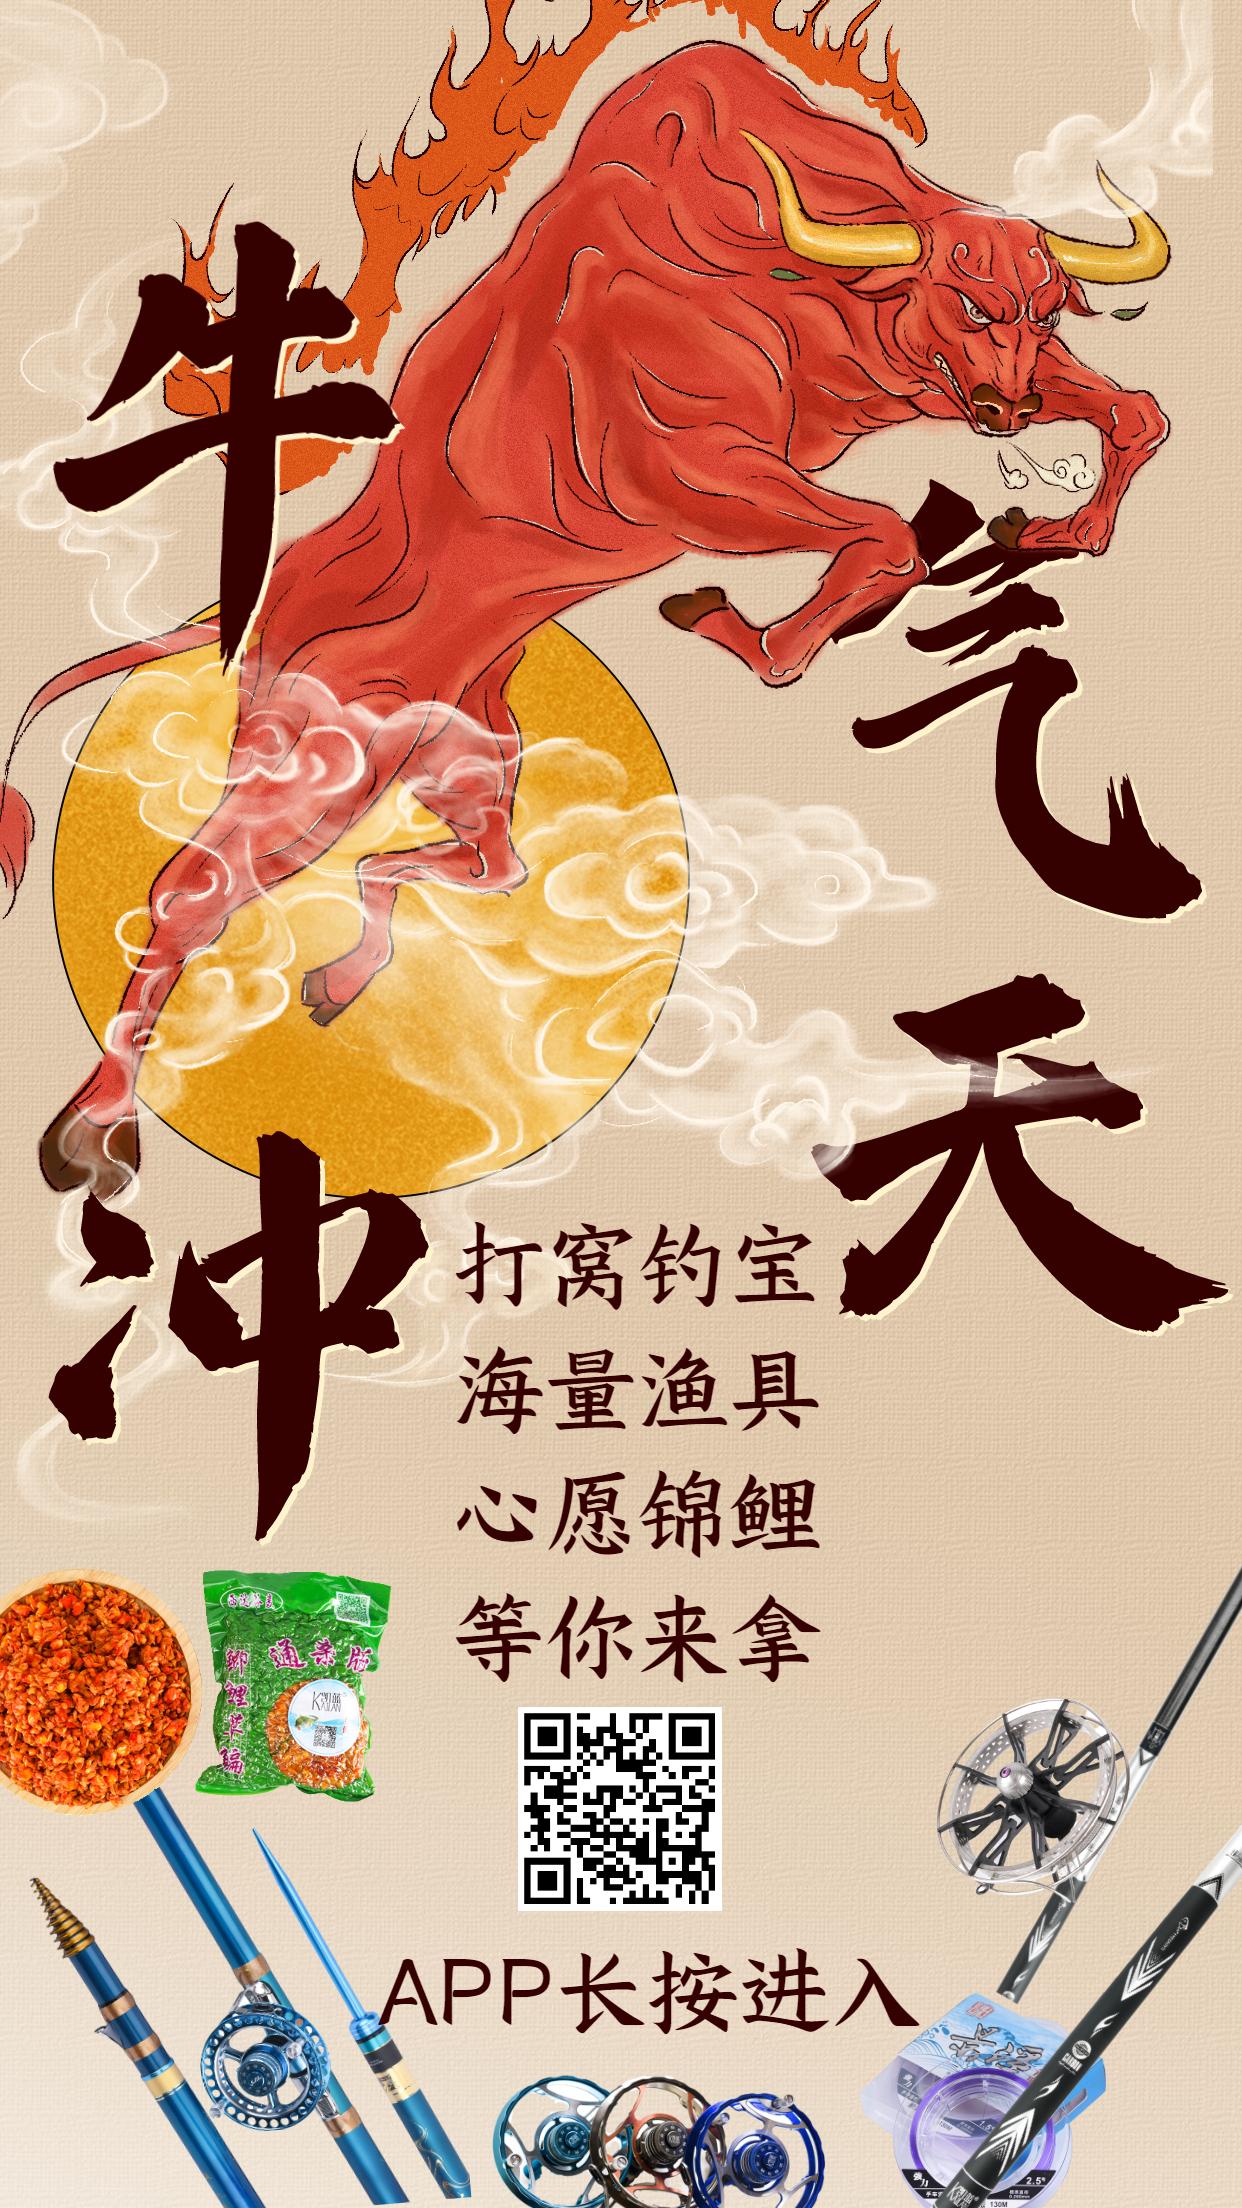 春节新年牛年牛气冲天祝福手机海报.jpg